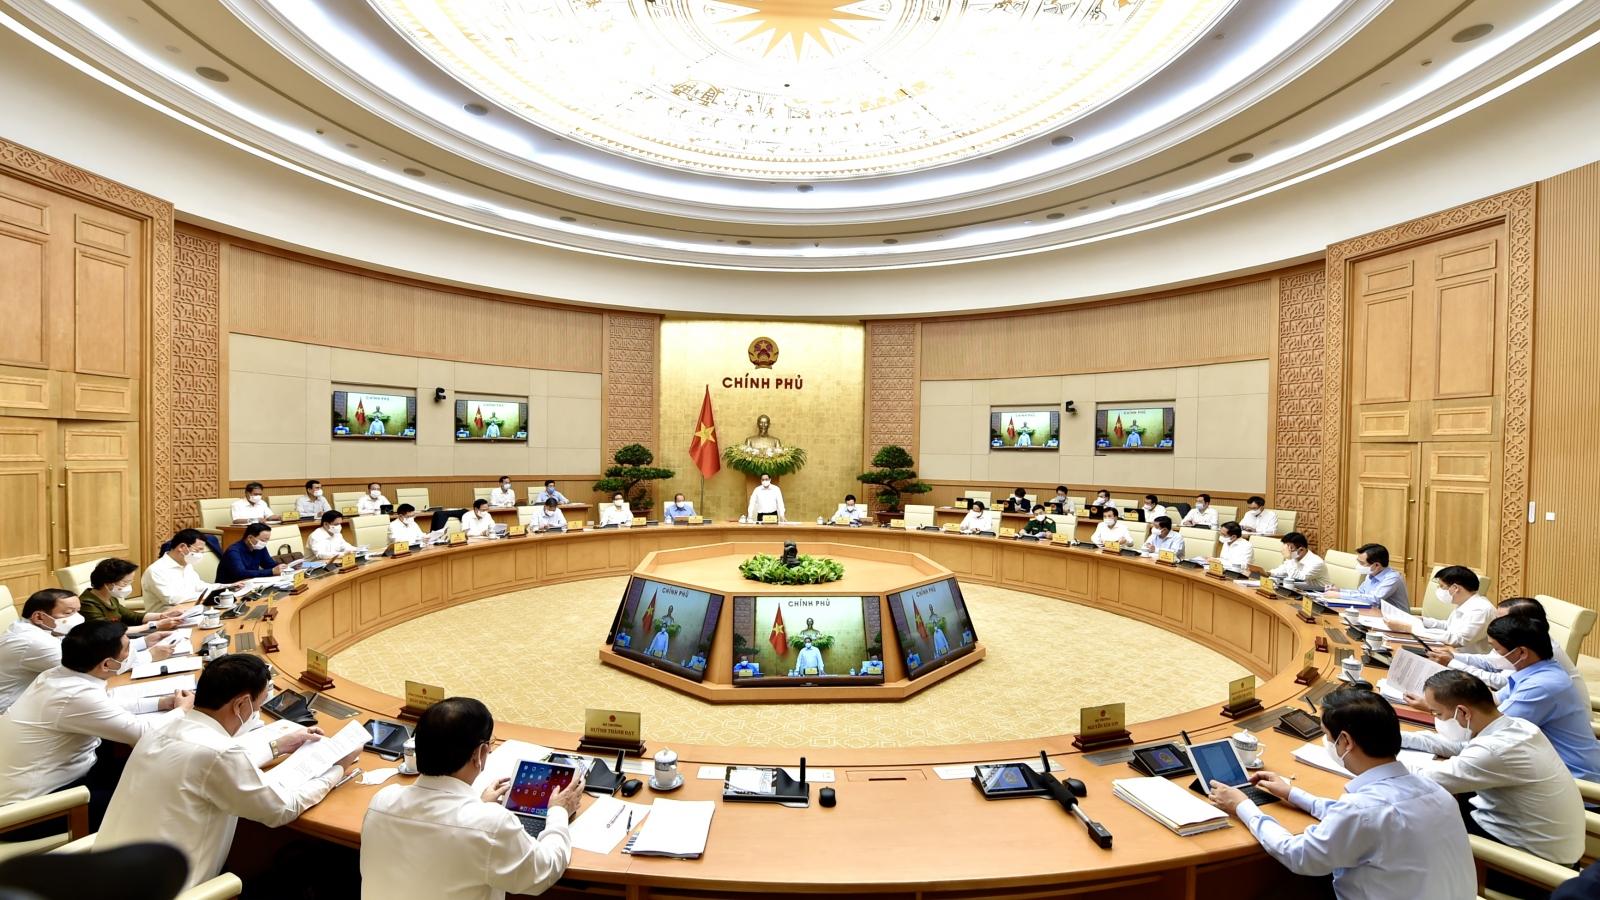 Thủ tướng Chính phủ ký ban hành Nghị quyết về việc mua vaccine phòng COVID-19